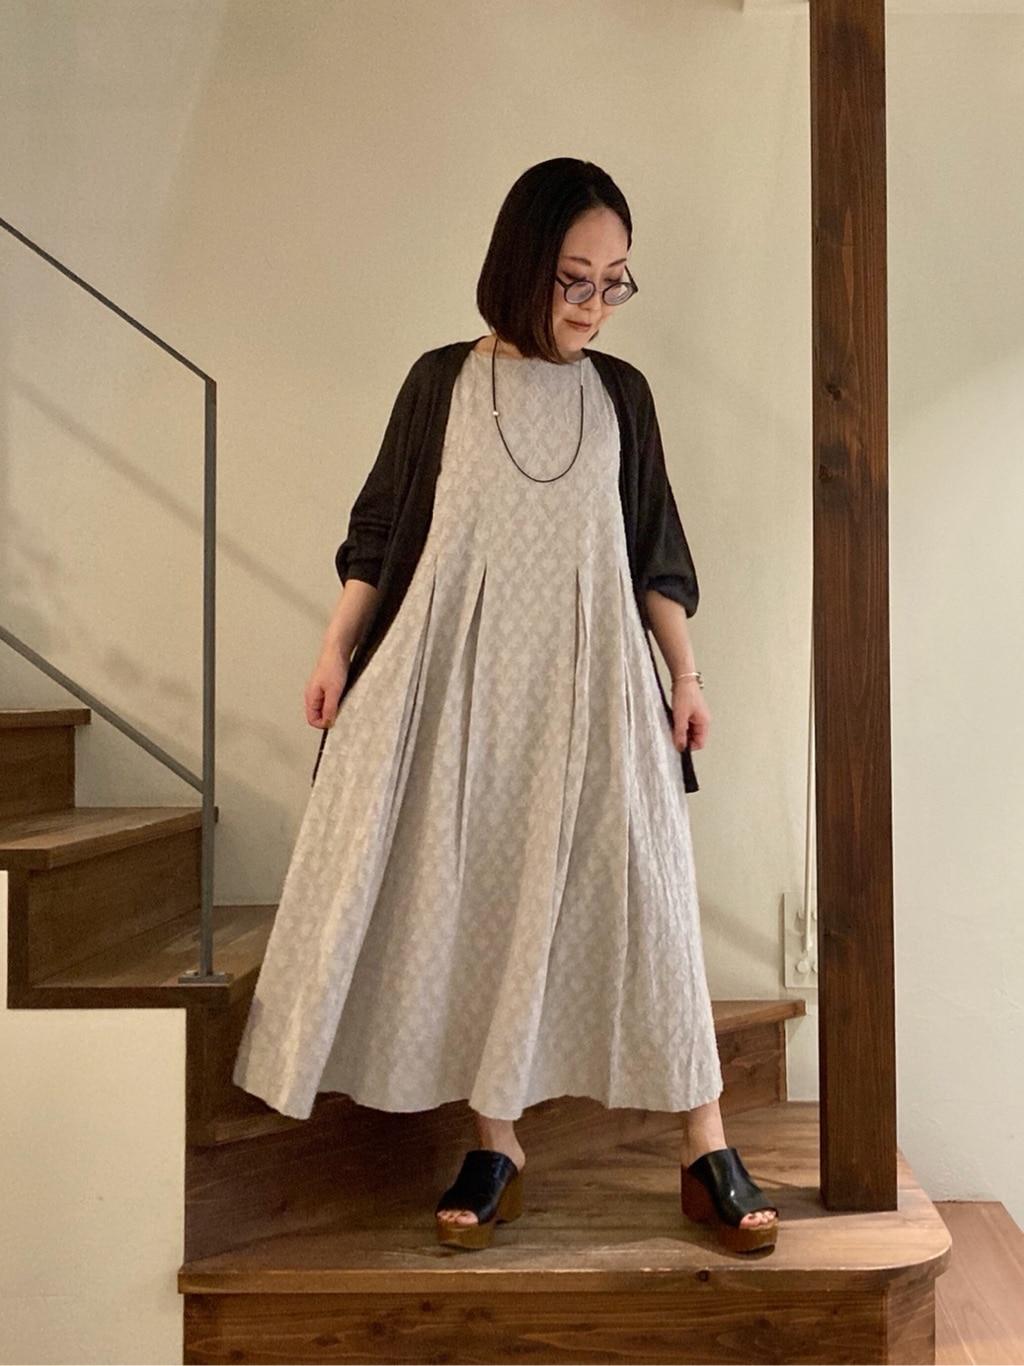 yuni 京都路面 身長:152cm 2021.06.10